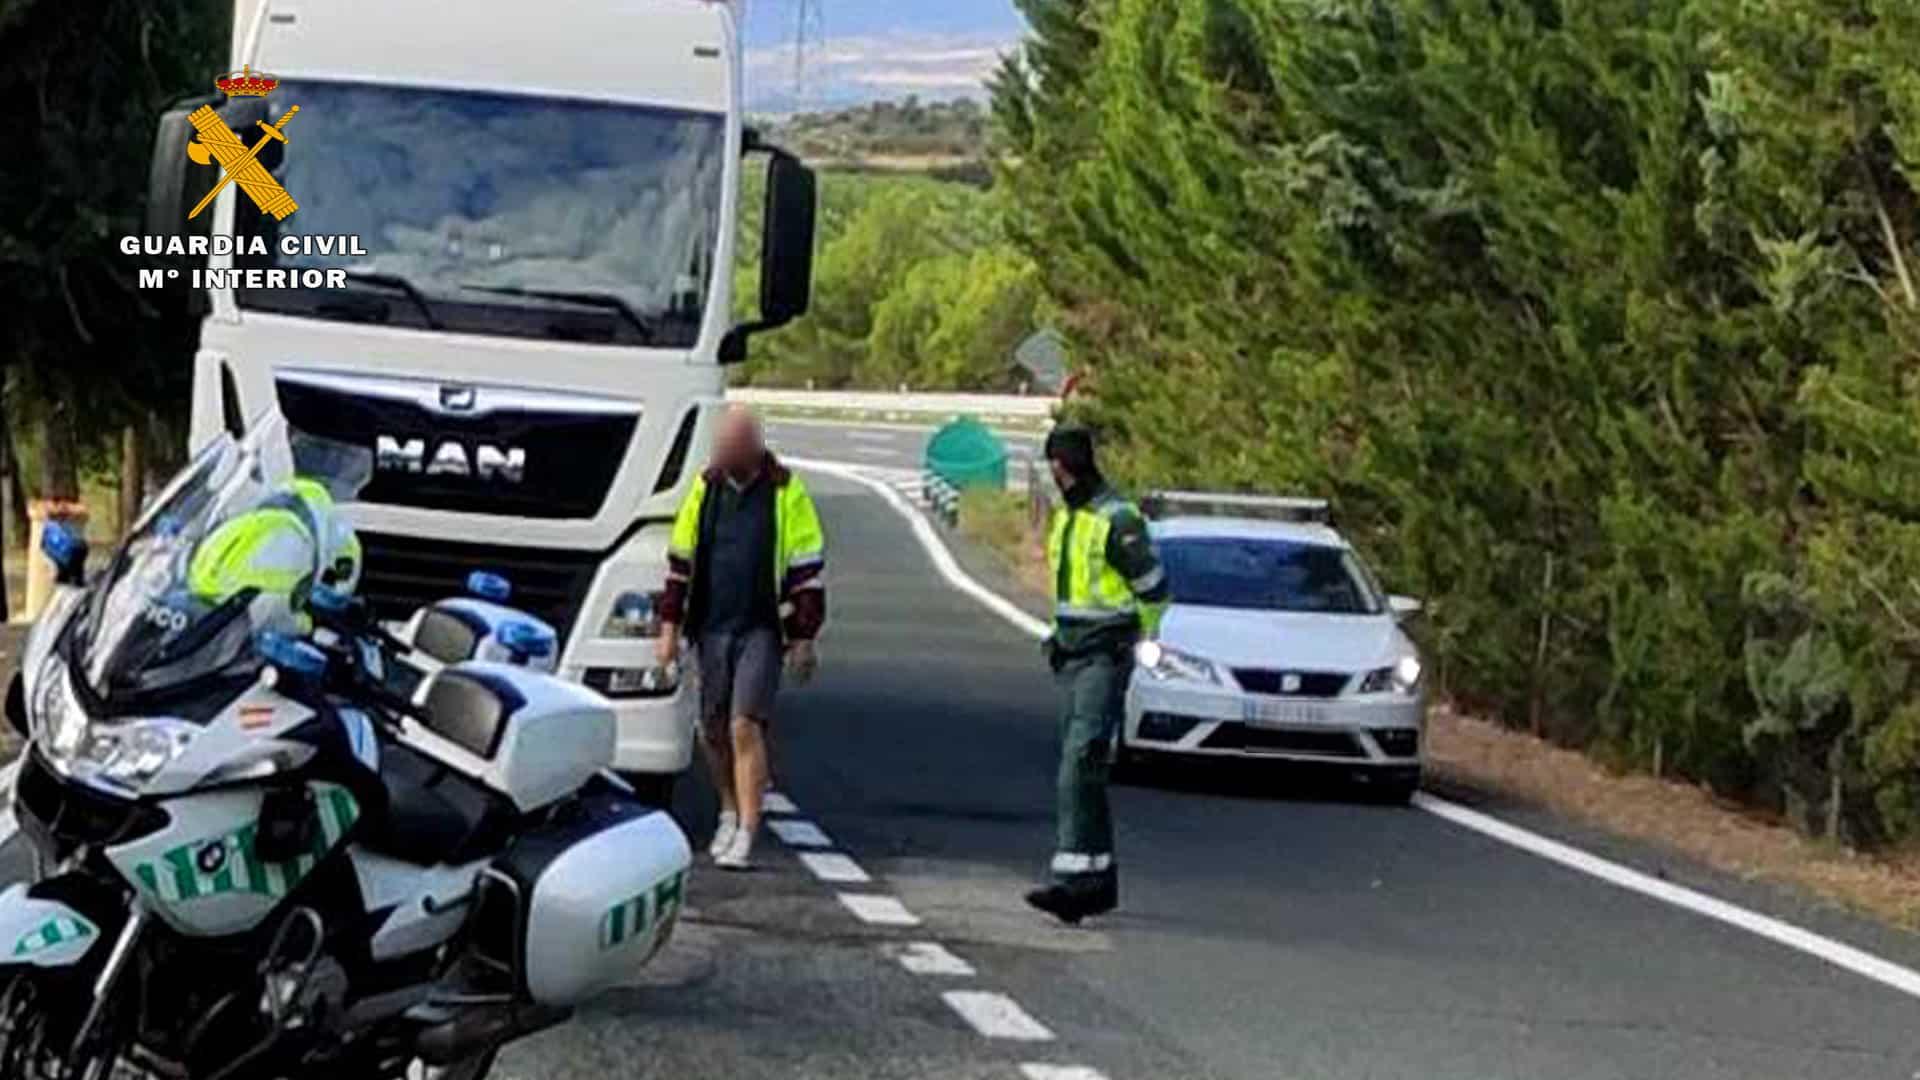 Guardia Civil detiene a un camionero